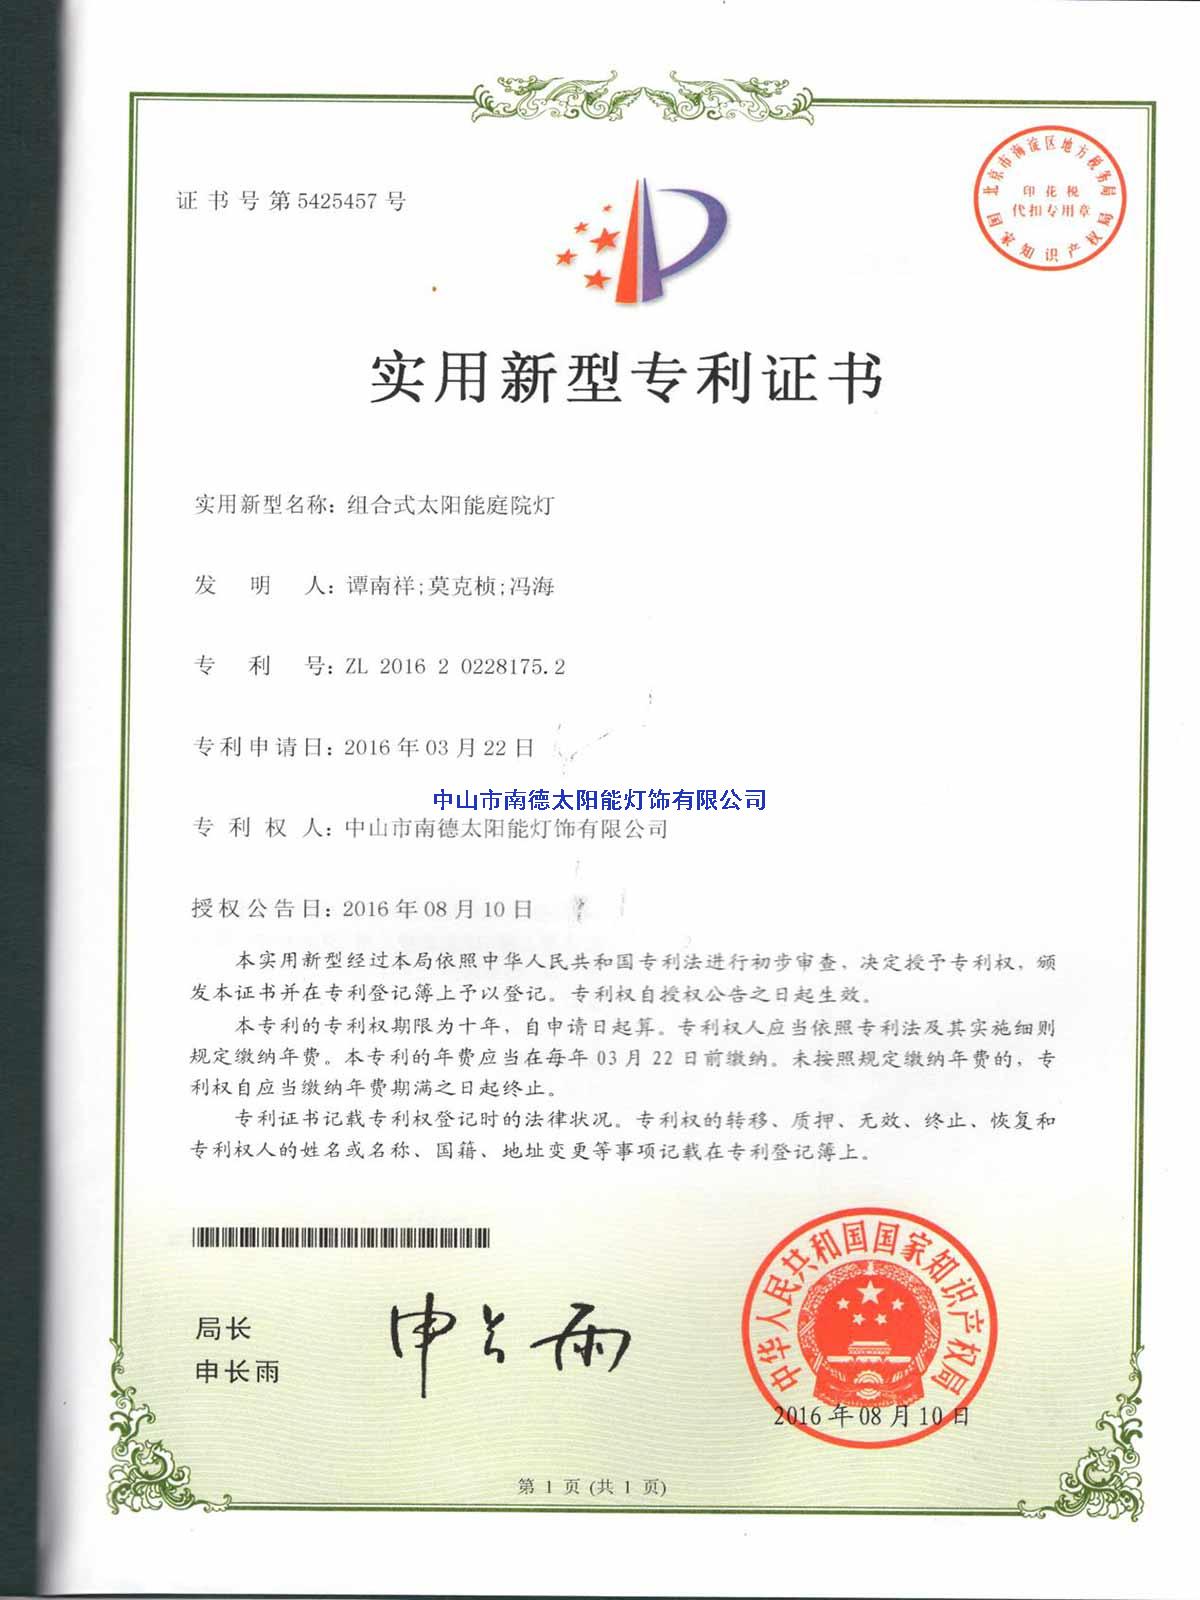 实用新型专利证书:组合式太阳能庭院灯